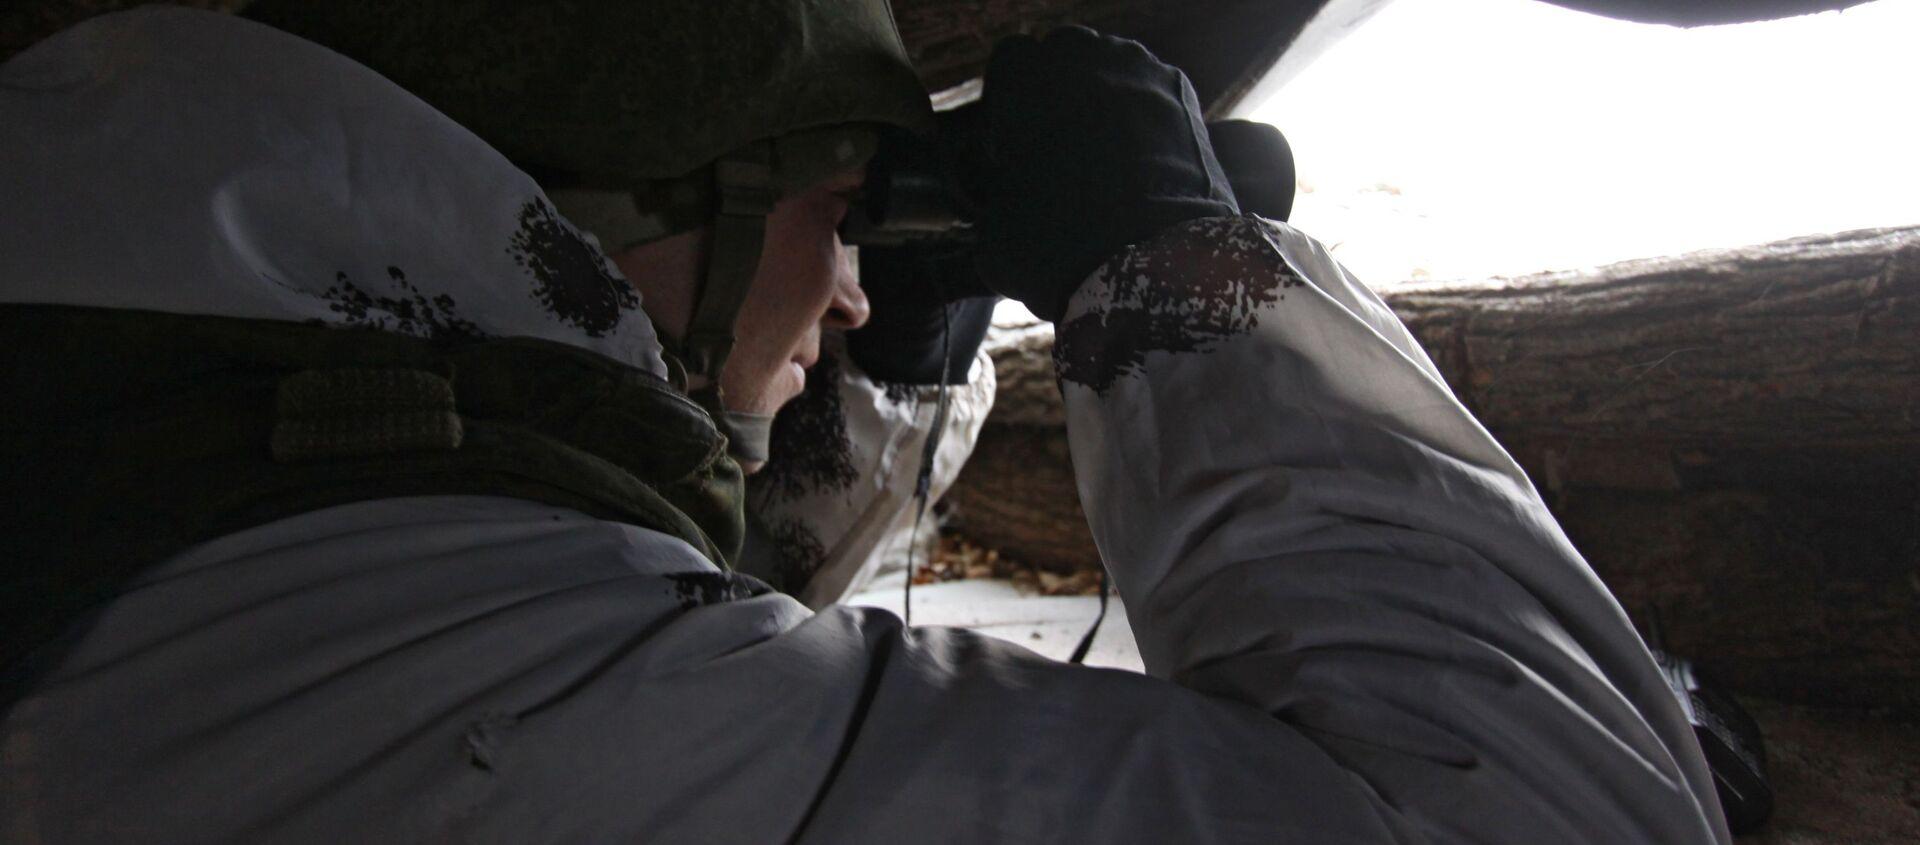 Od 29 grudnia w Donbasie obowiązuje rozejm noworoczny  - Sputnik Polska, 1920, 31.01.2021